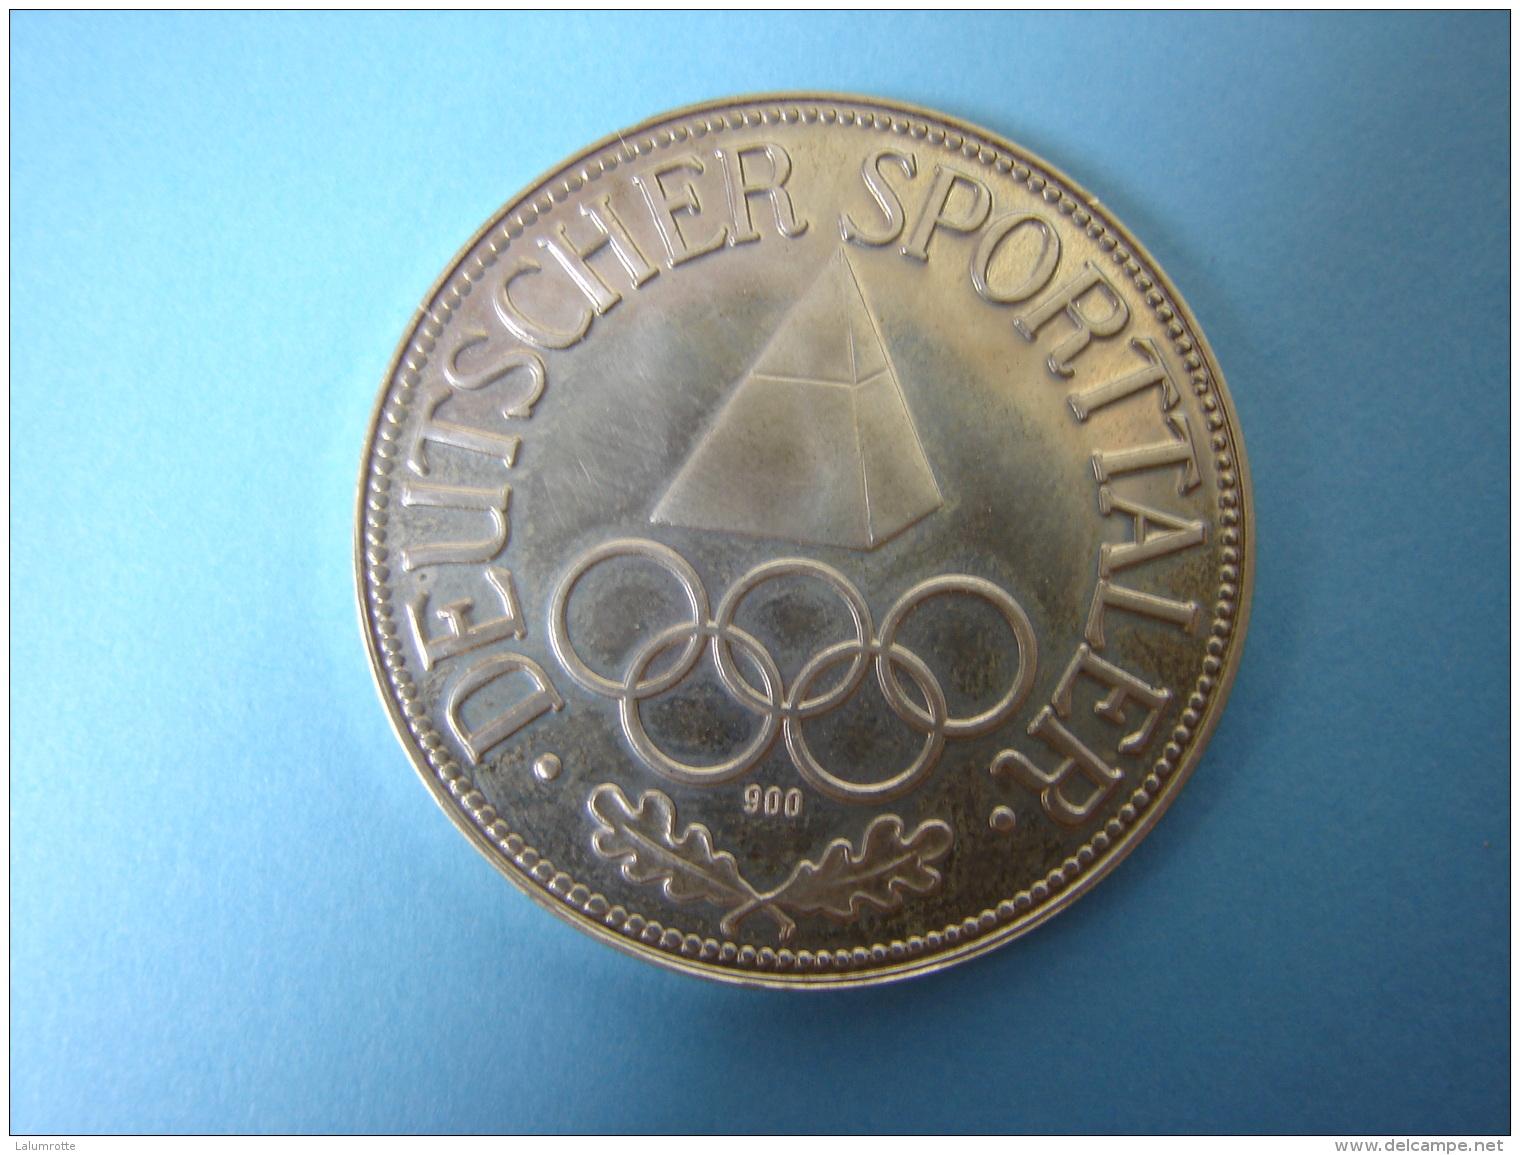 PA. Mo. 71. Jugend Der Welt IM Sport Vereint . Deutscher Sportaler. Argent 900 - Duitsland